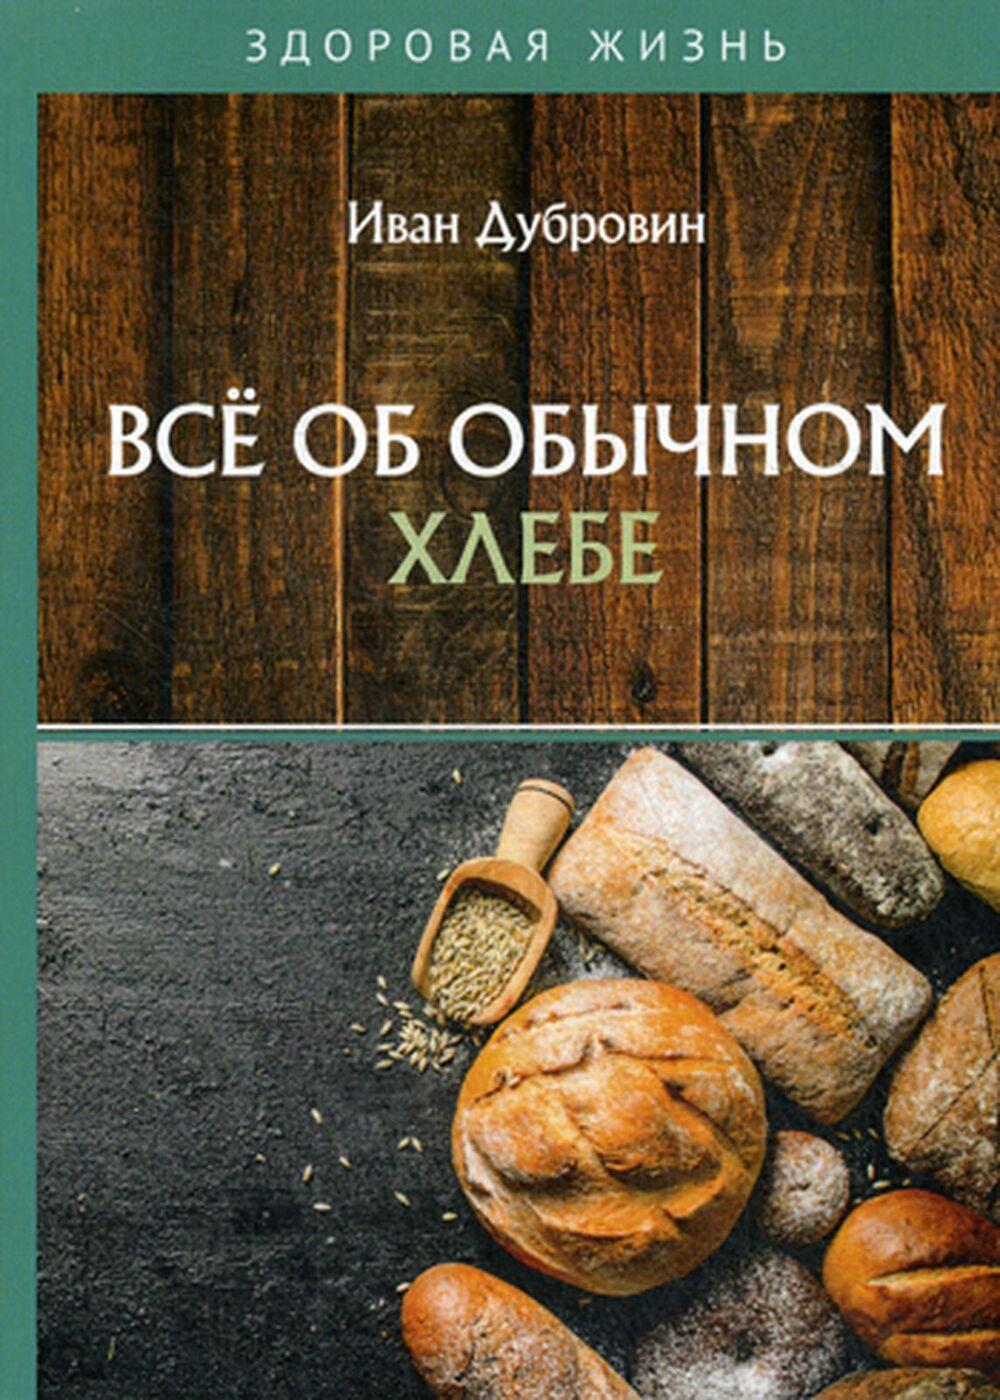 Иван Дубровин. Всё об обычном хлебе | Дубровин Иван Ильич